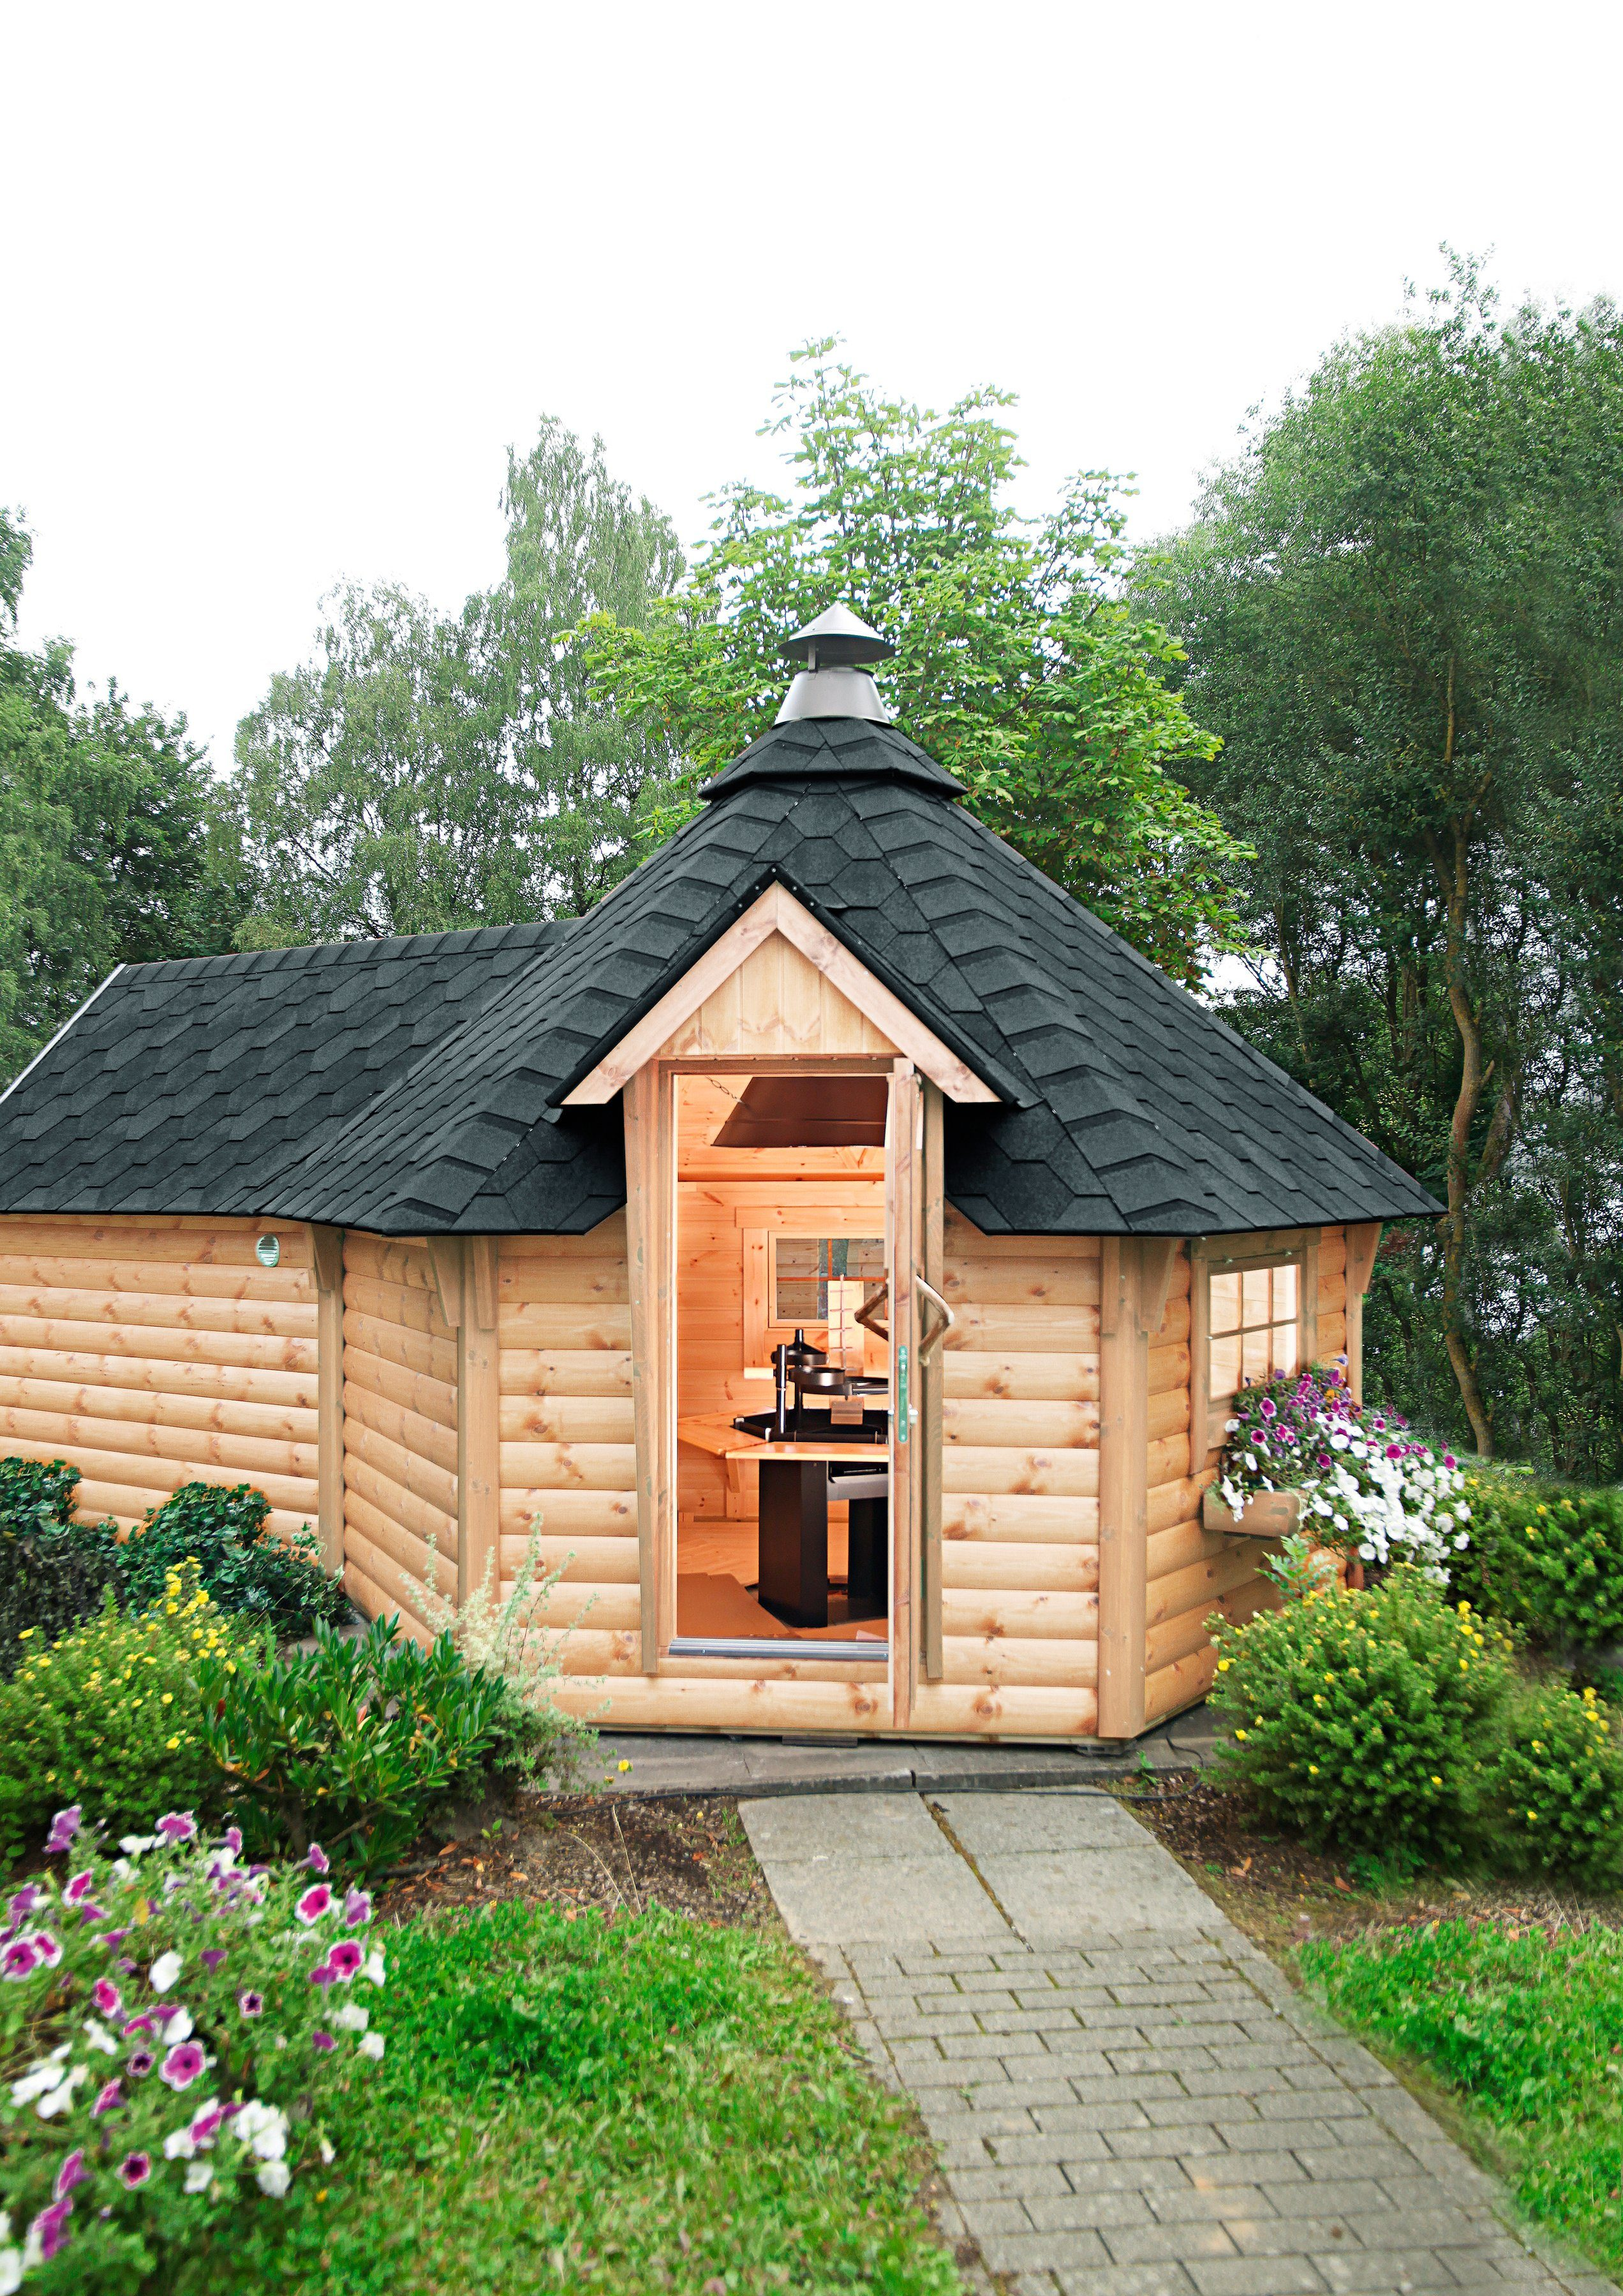 WOLFF Grillkota »9 de luxe«, BxT: 426x630 cm, mit Sauna-Anbau und schwarzen Schindeln